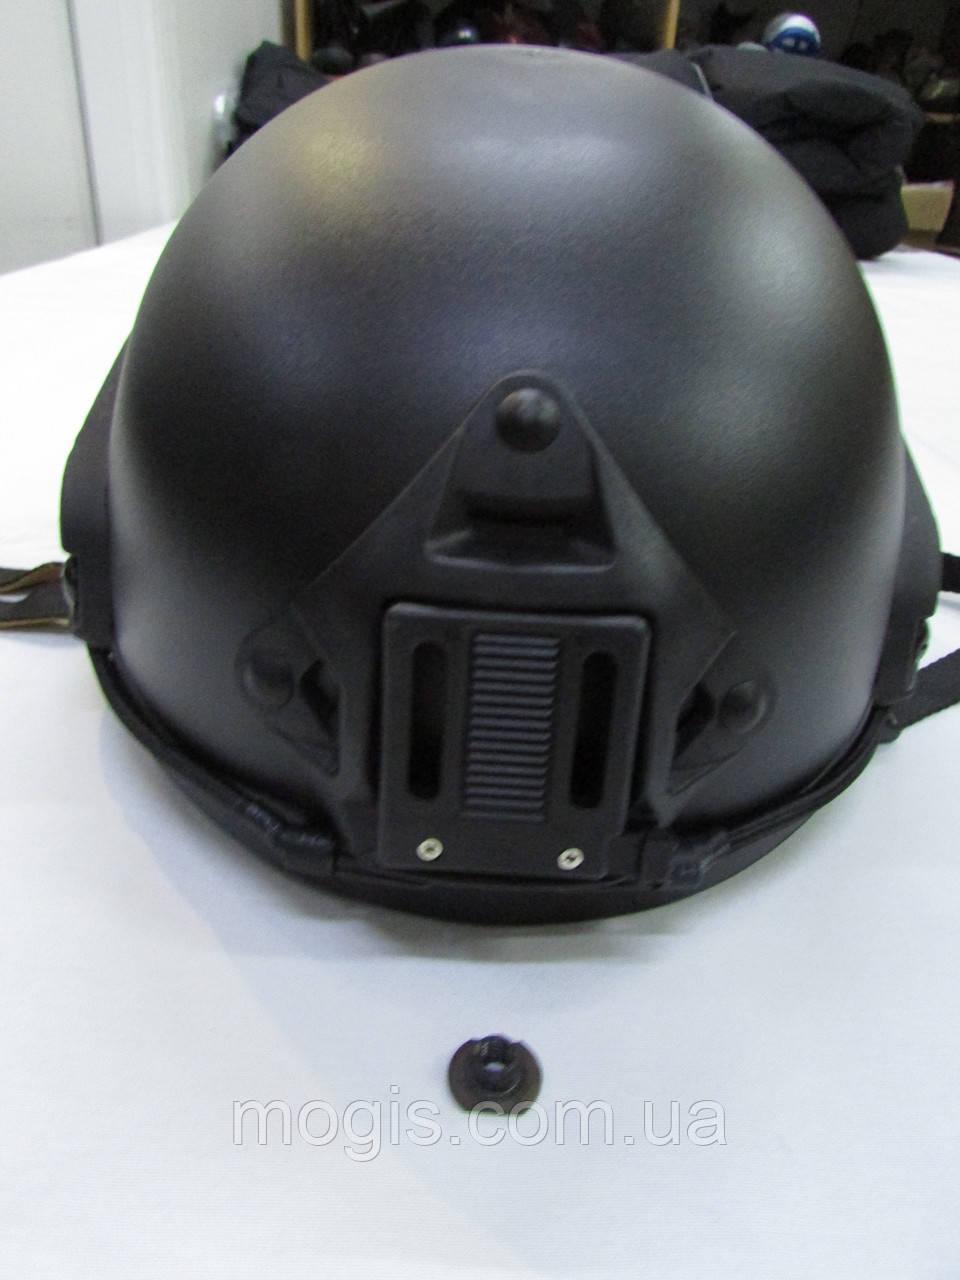 Каска защитная для стрейбола черная и бежевая